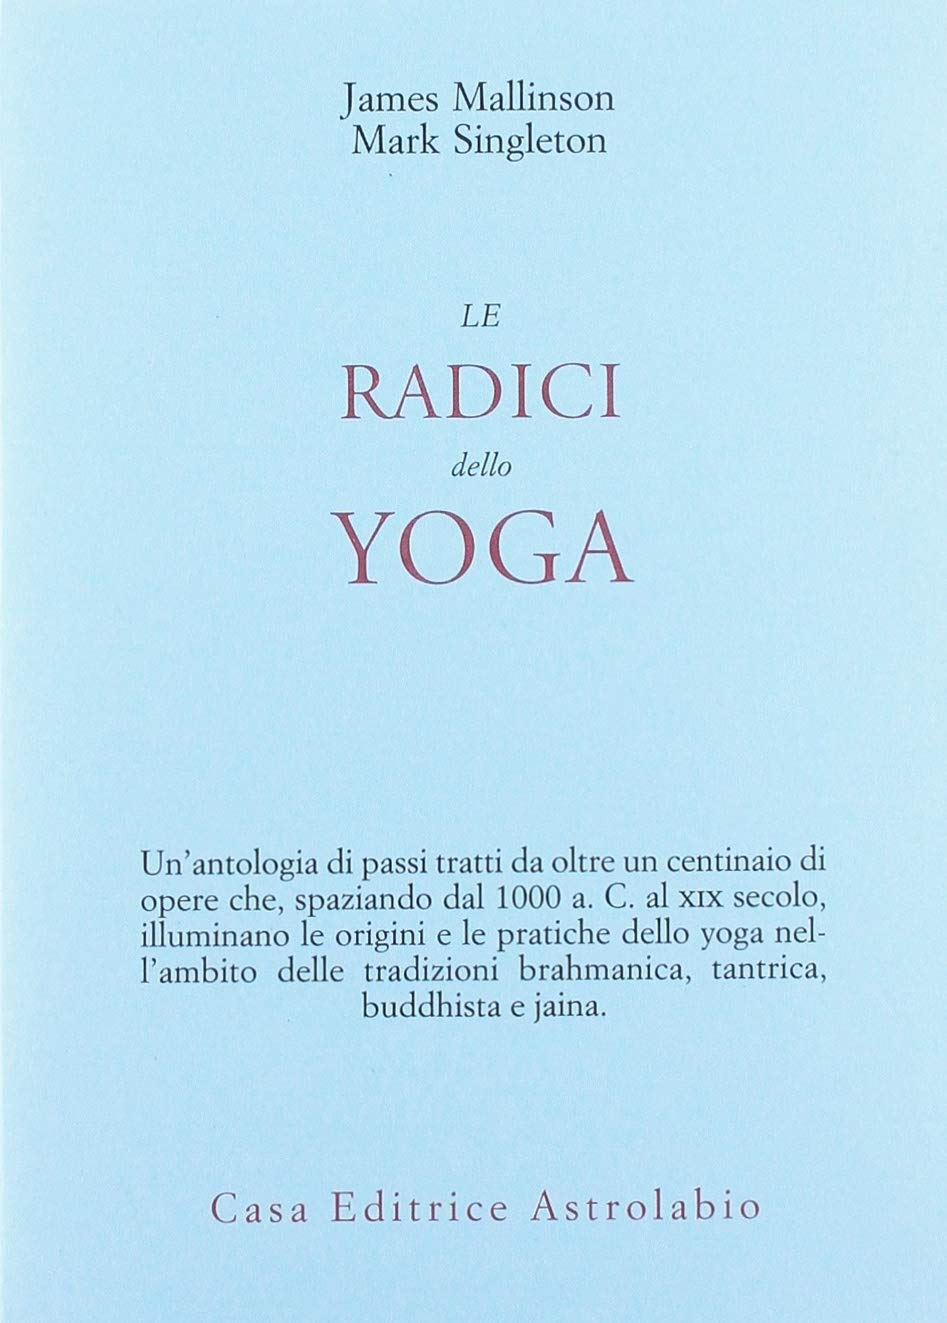 Le radici dello yoga (Civiltà dellOriente): Amazon.es ...